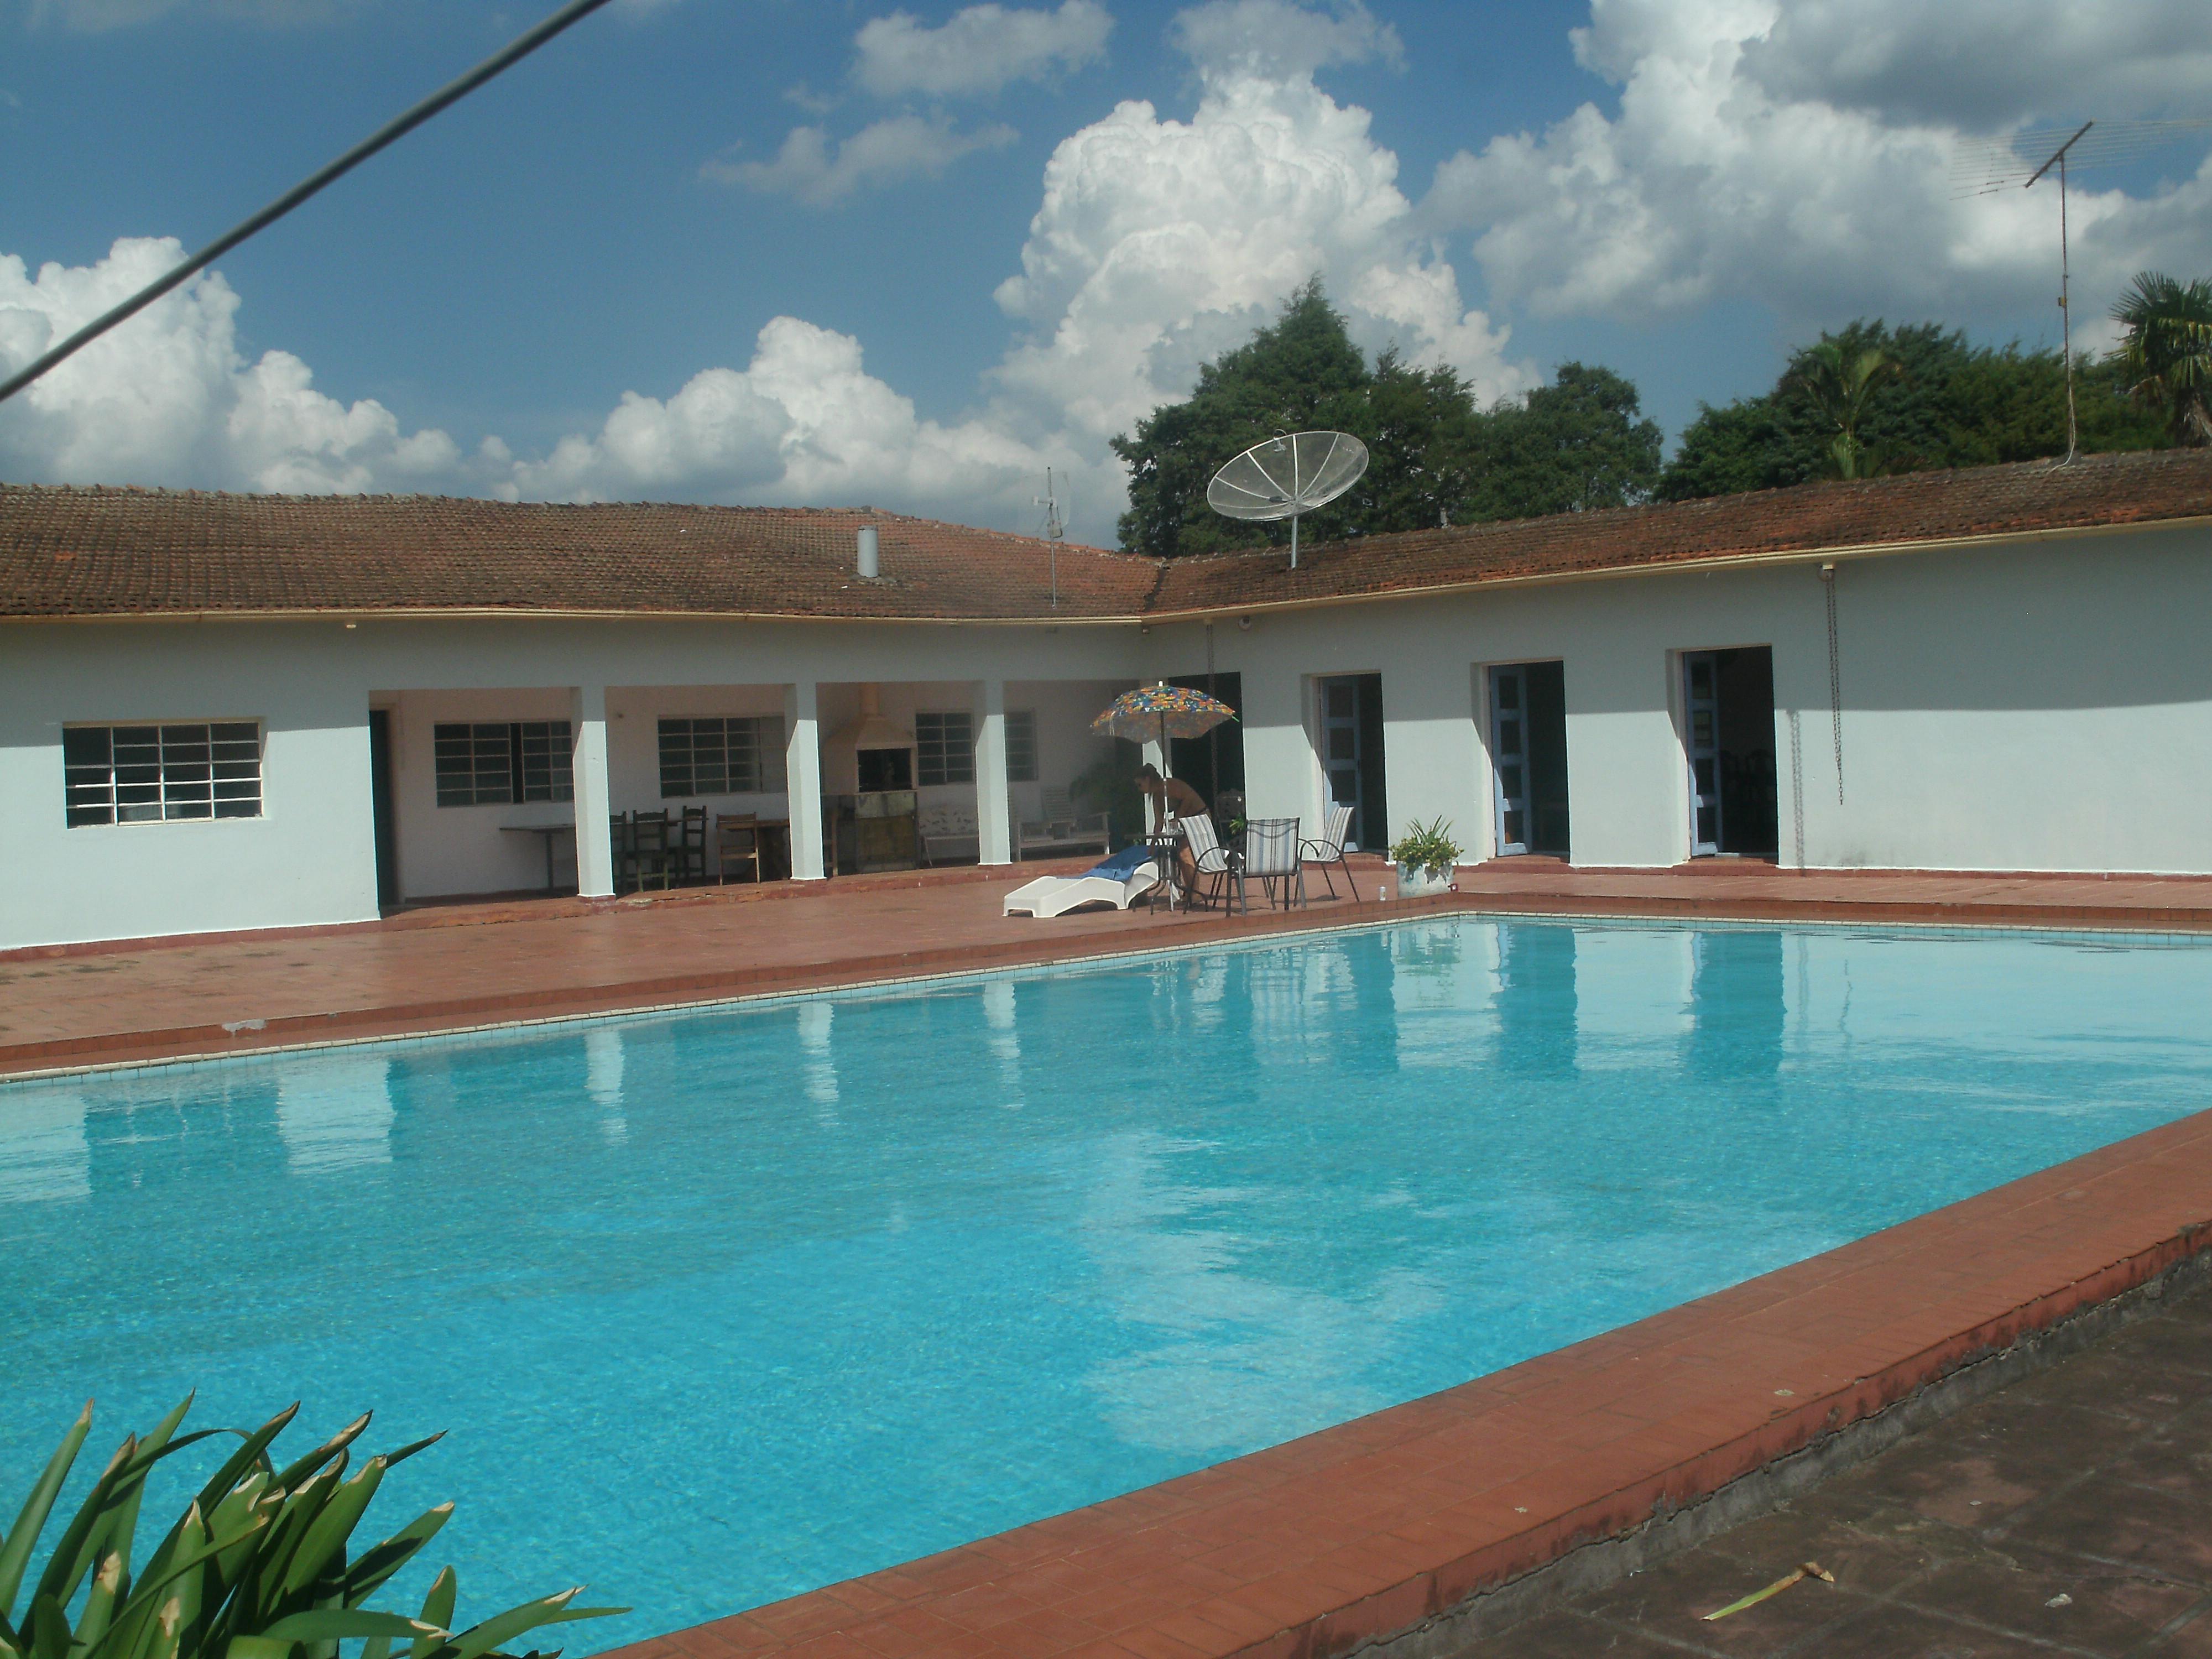 Hervorragendes Bauernhaus mit semi-olympischen Pool Wasserflle Seen und Wanderwege